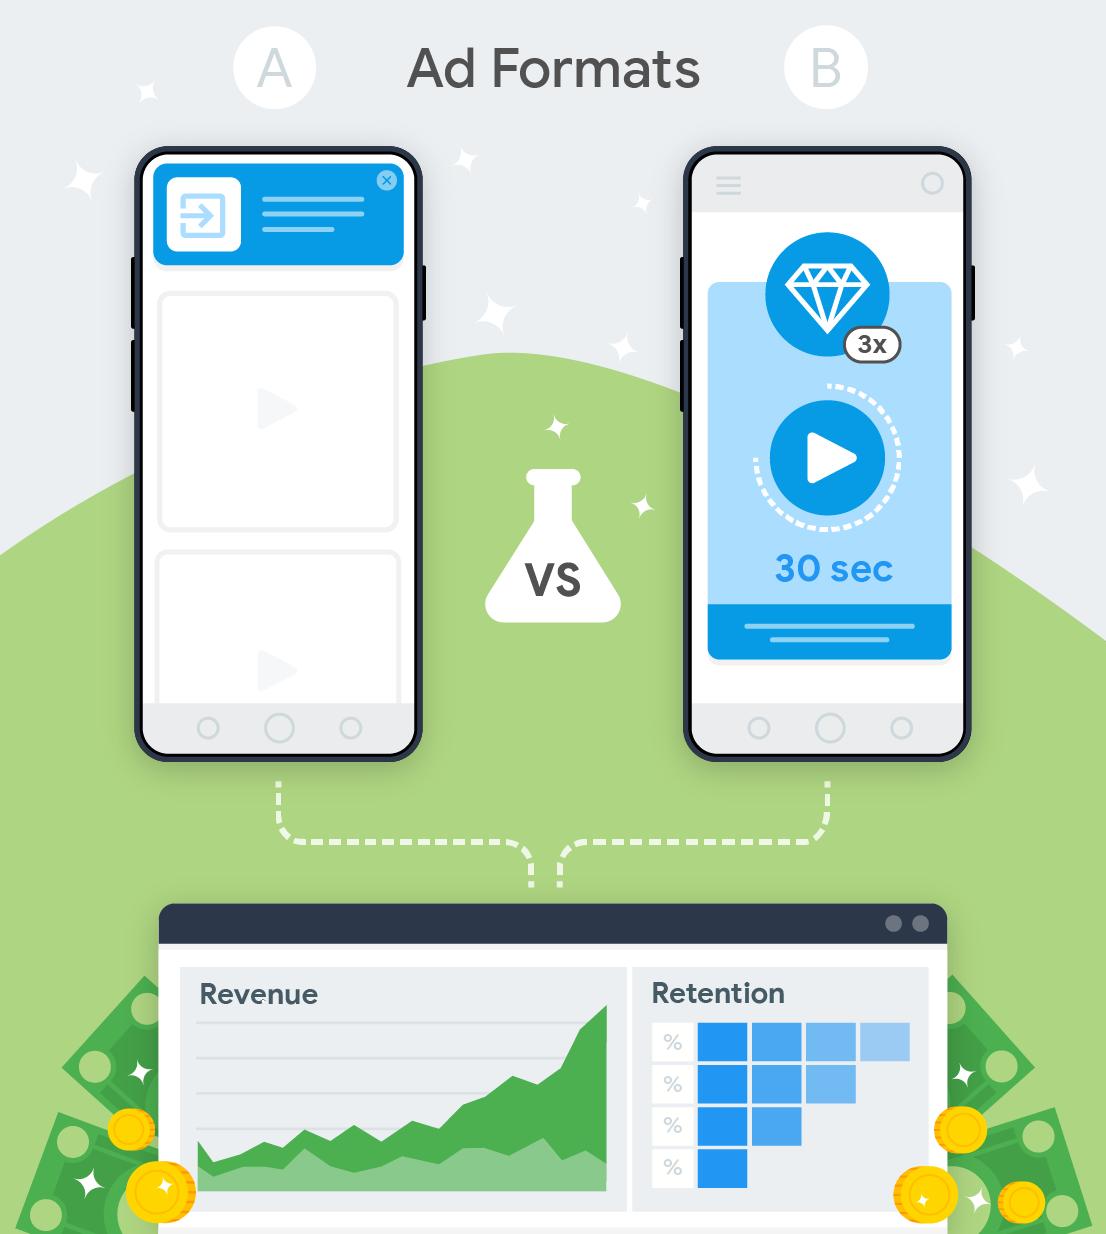 тестирование двух форматов рекламы и их влияние на доход и удержание